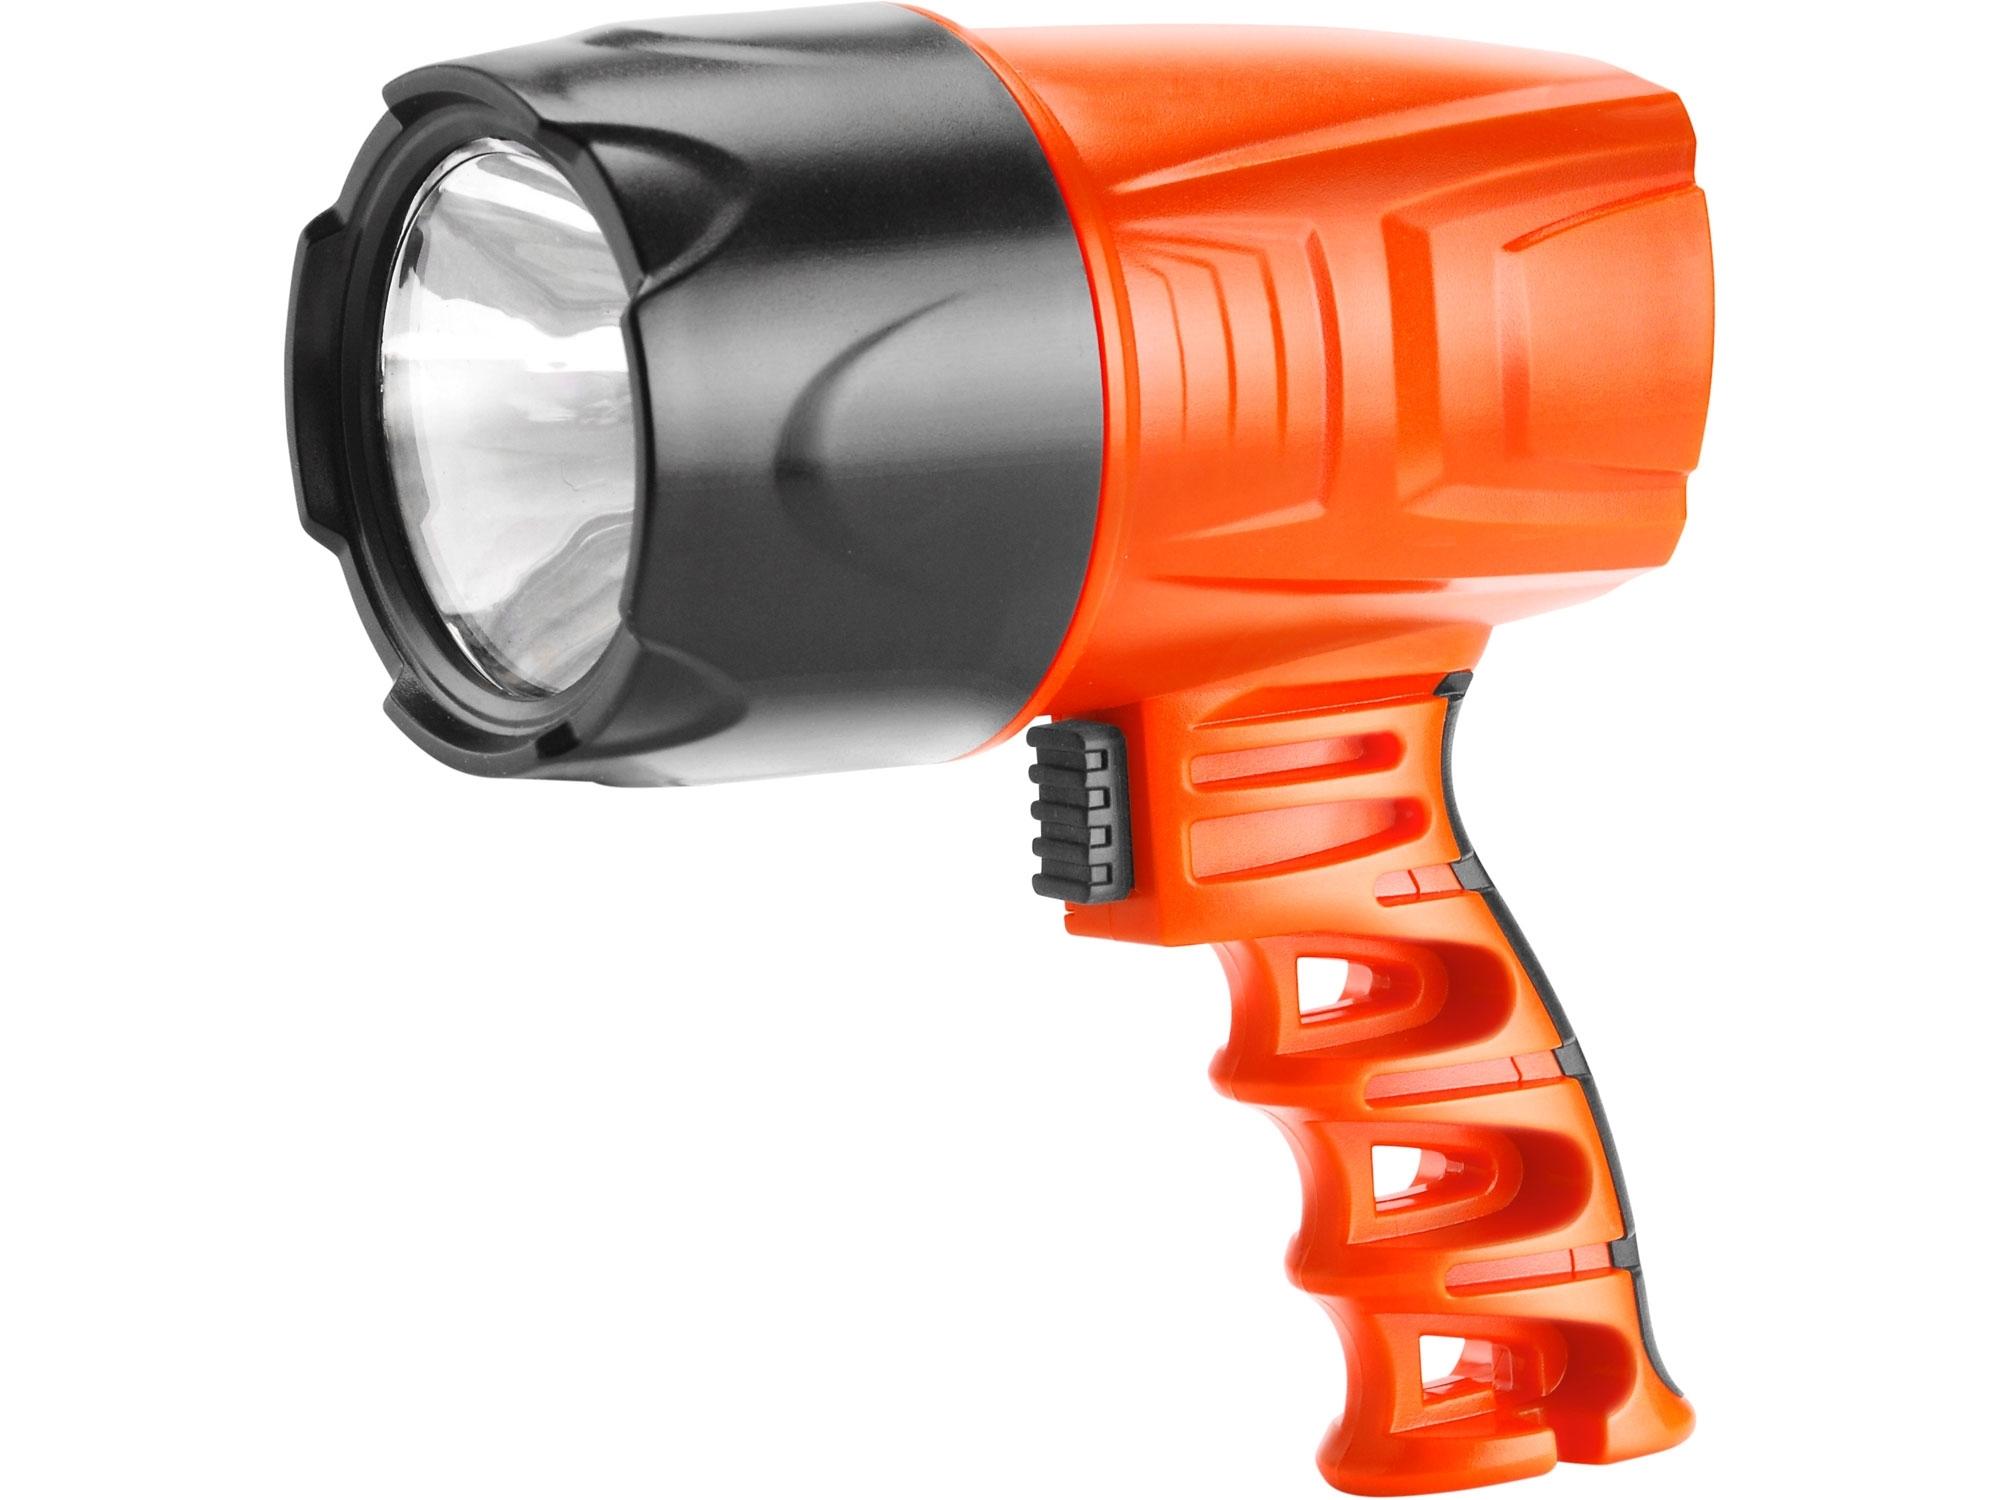 svítilna 3W CREE LED, nabíjecí, 150lm, EXTOL LIGHT 43123